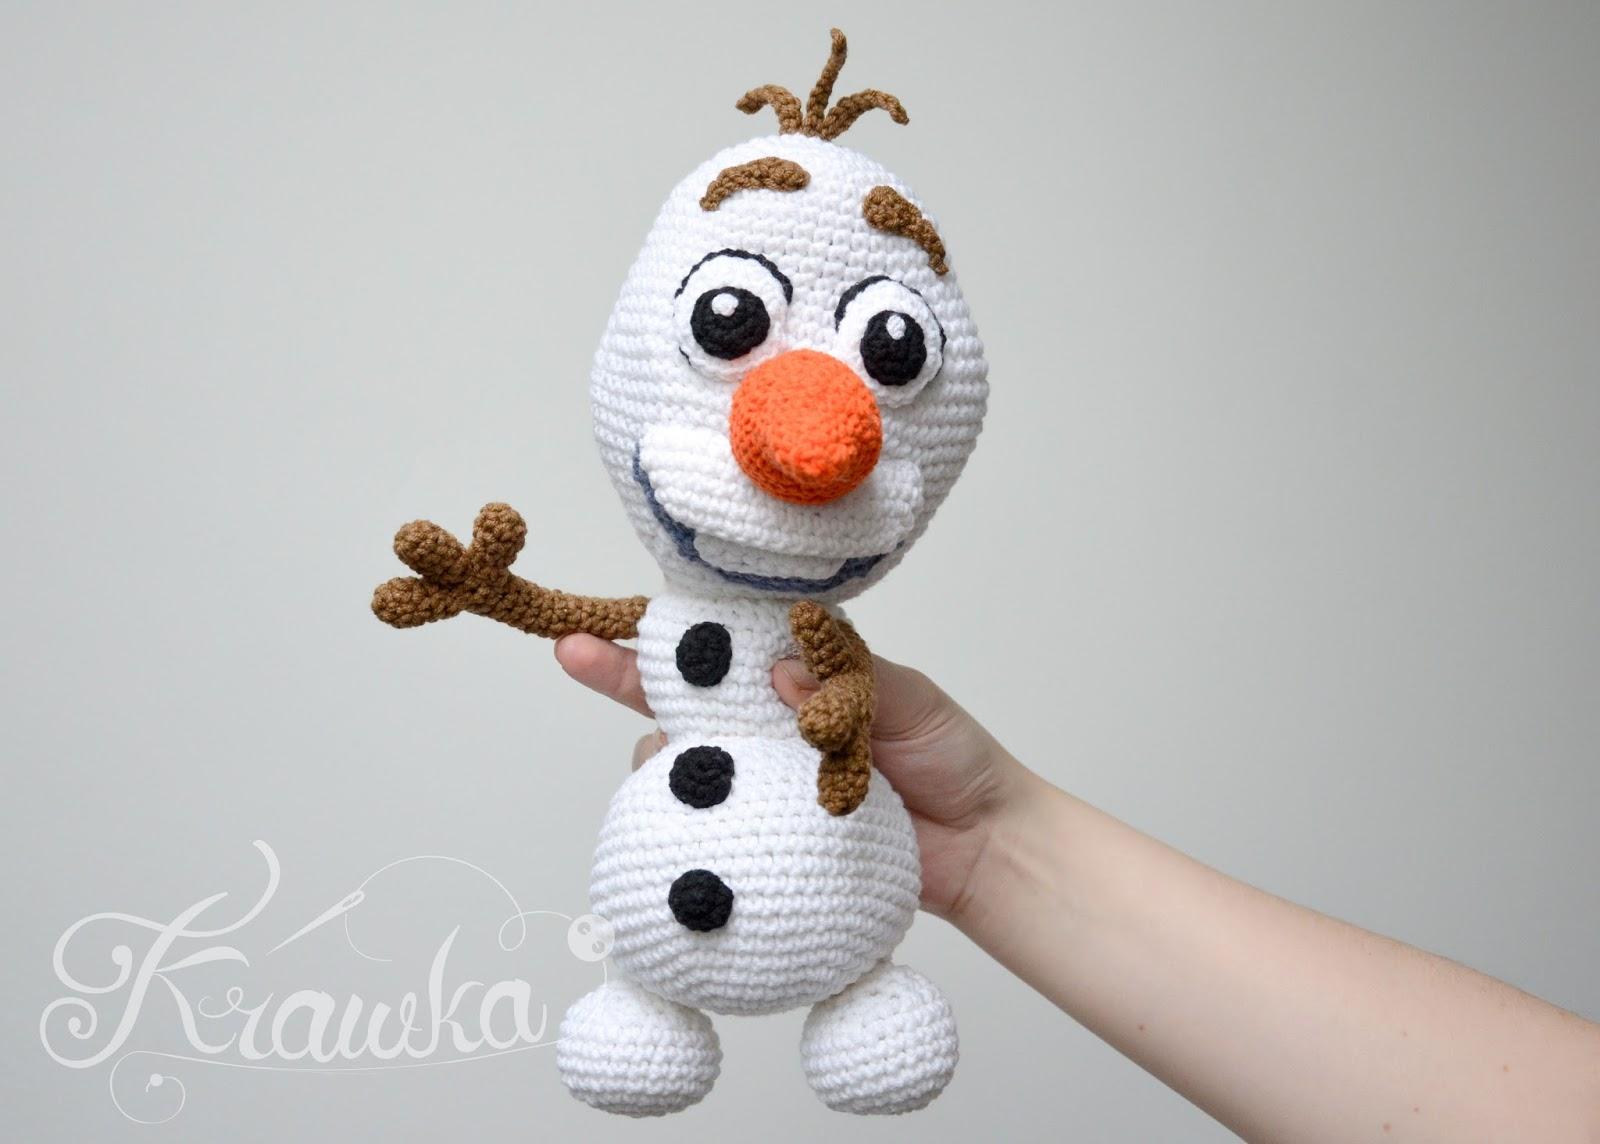 Amigurumi Patterns Olaf : Krawka olaf